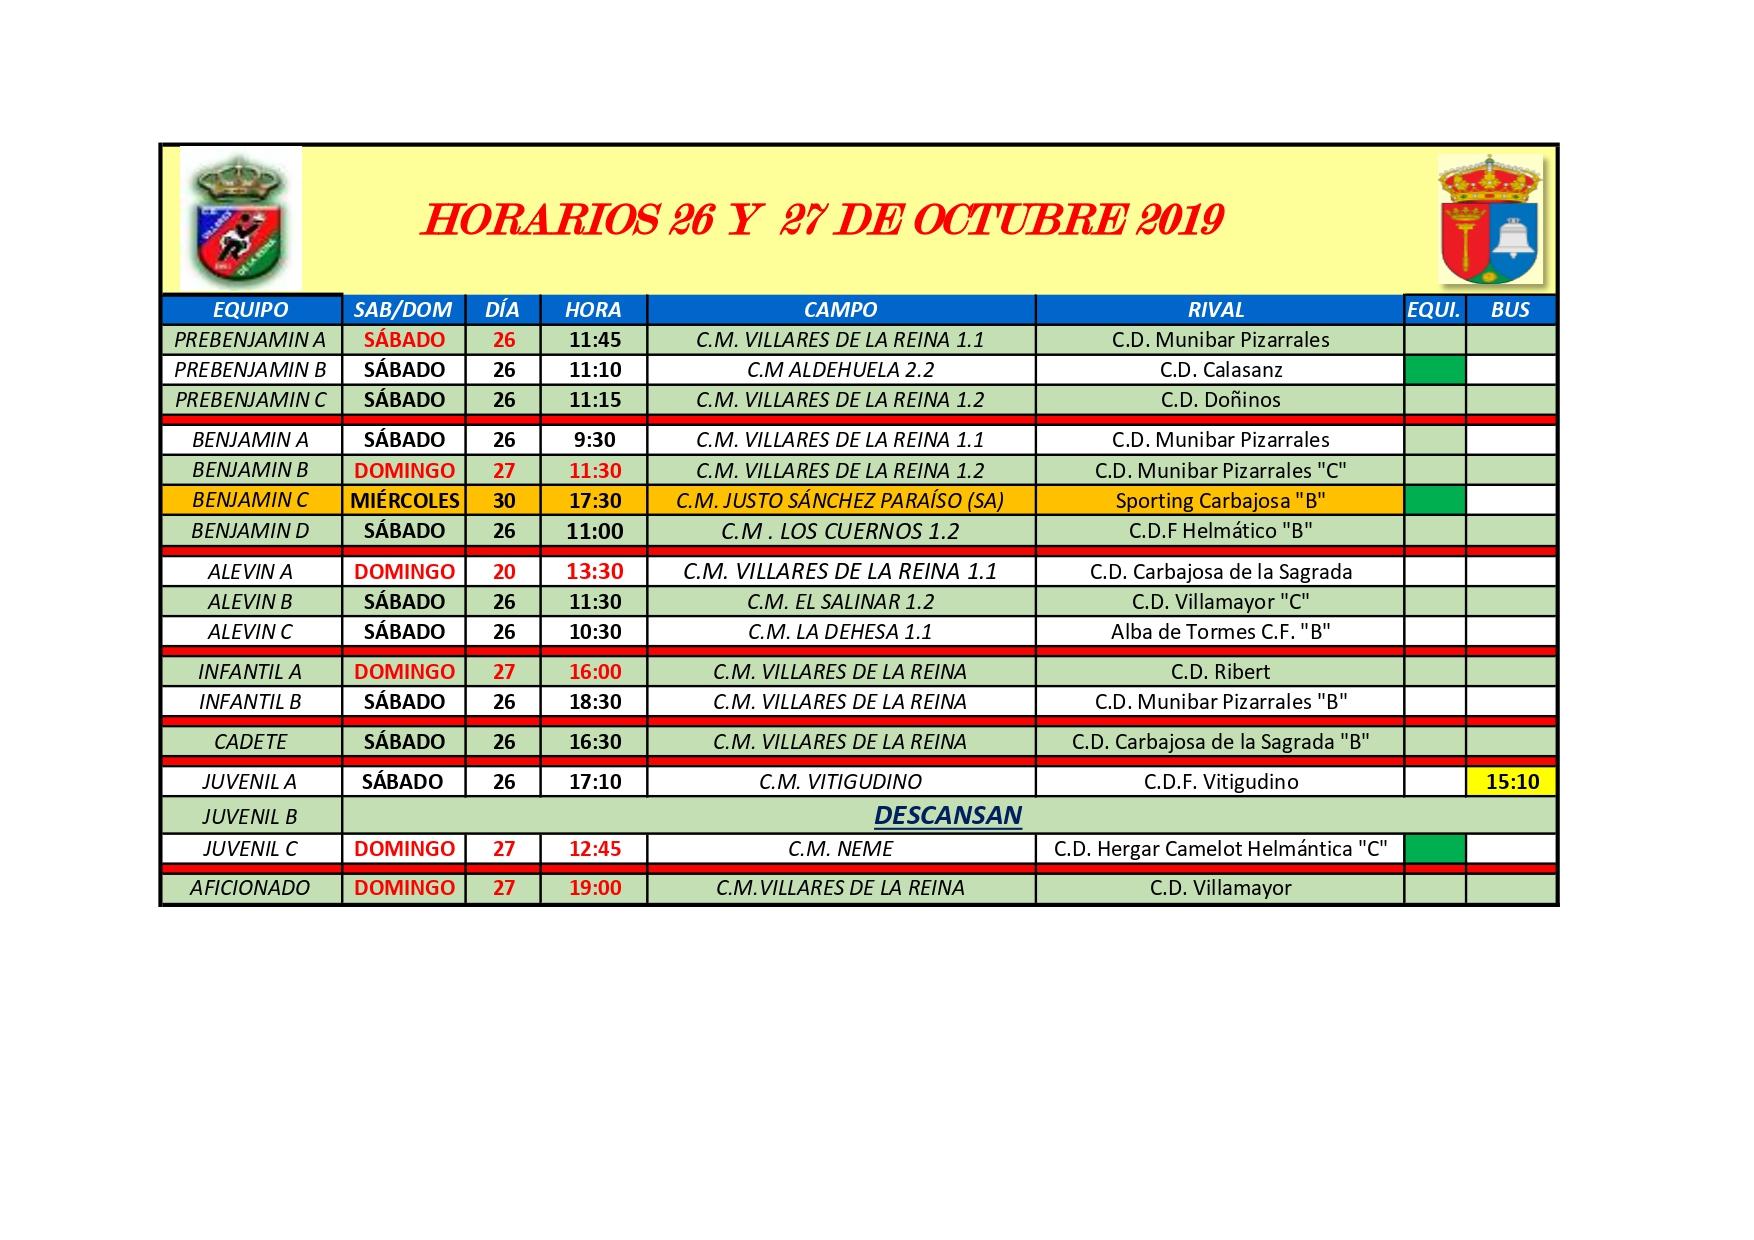 HORARIOS SÁBADO 26 Y DOMINGO 27 DE OCTUBRE